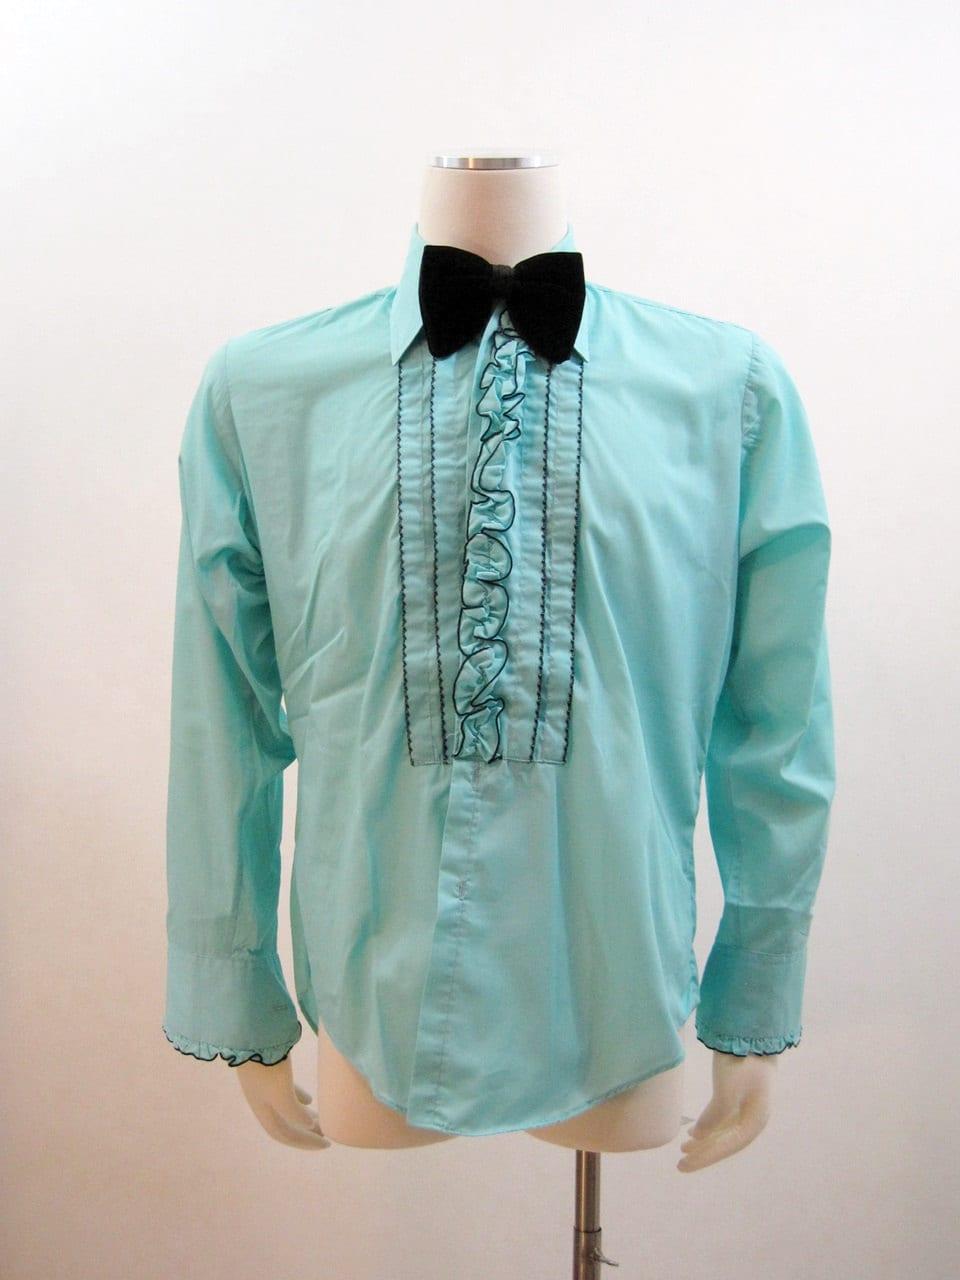 70s Tuxedo Shirt Vintage Ruffled Turquoise Blue By